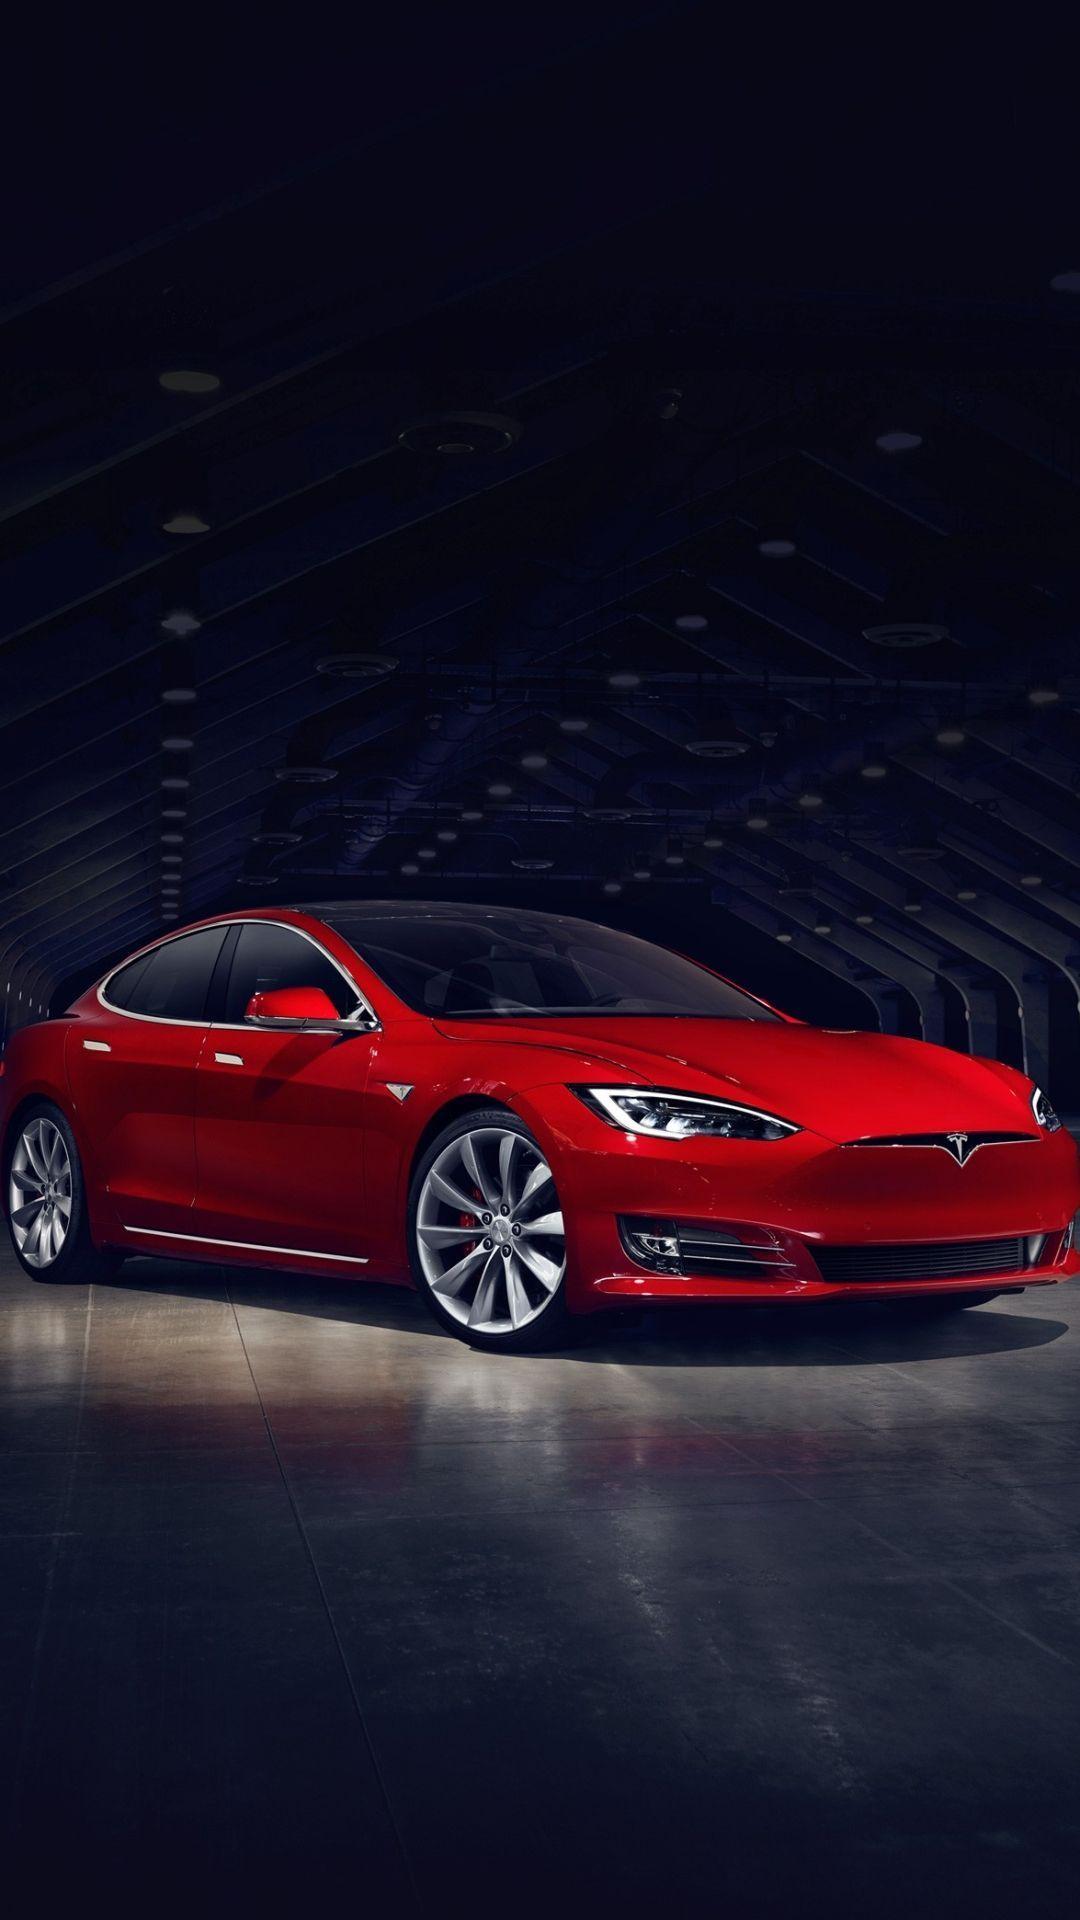 Tesla Motors Iphone Wallpapers Top Free Tesla Motors Iphone